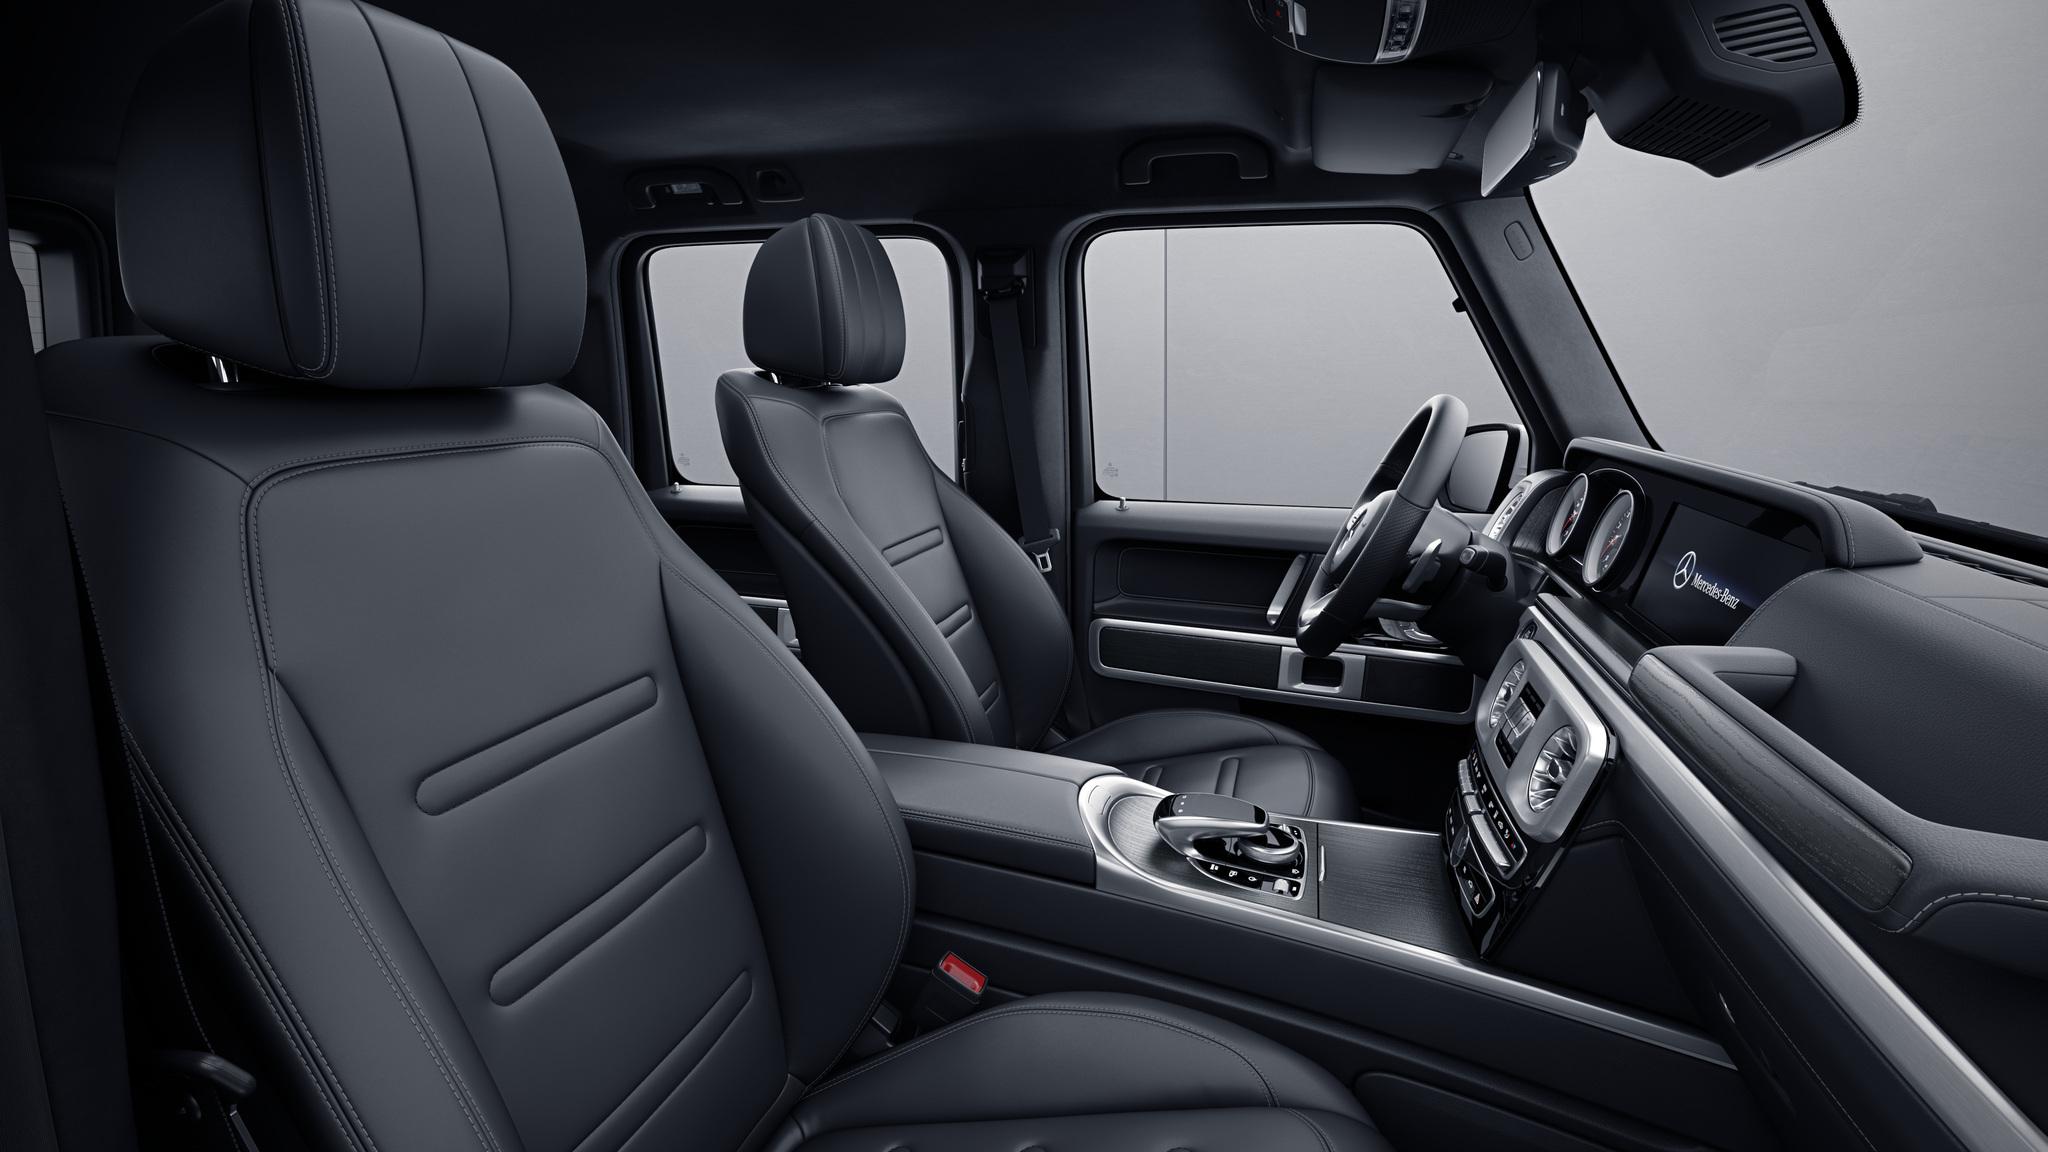 Habitacle de la Mercedes Classe G avec une Sellerie cuir nappa noir